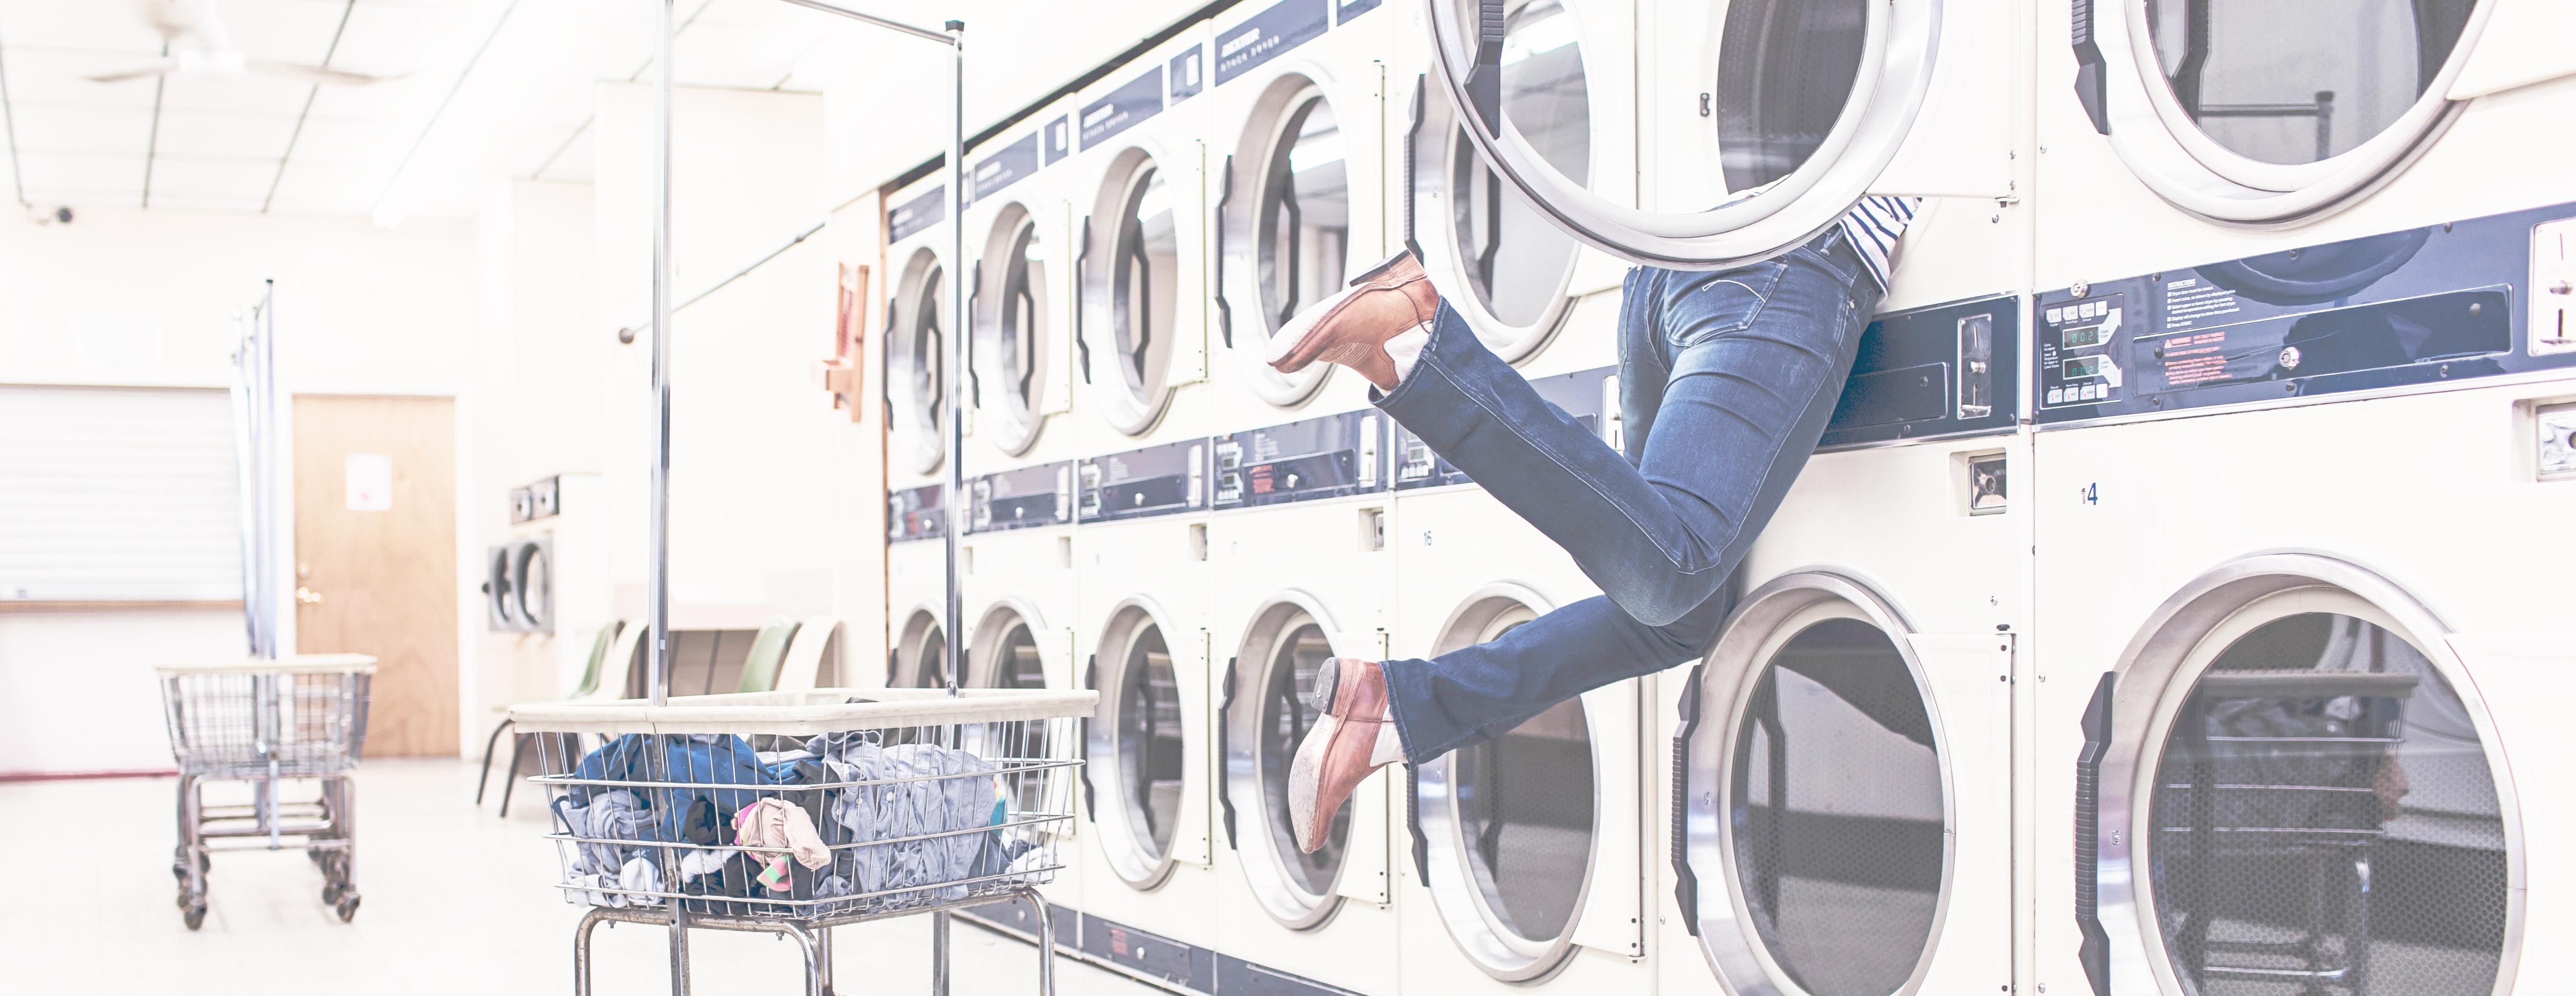 Vrouw zit vast in de wasmachine